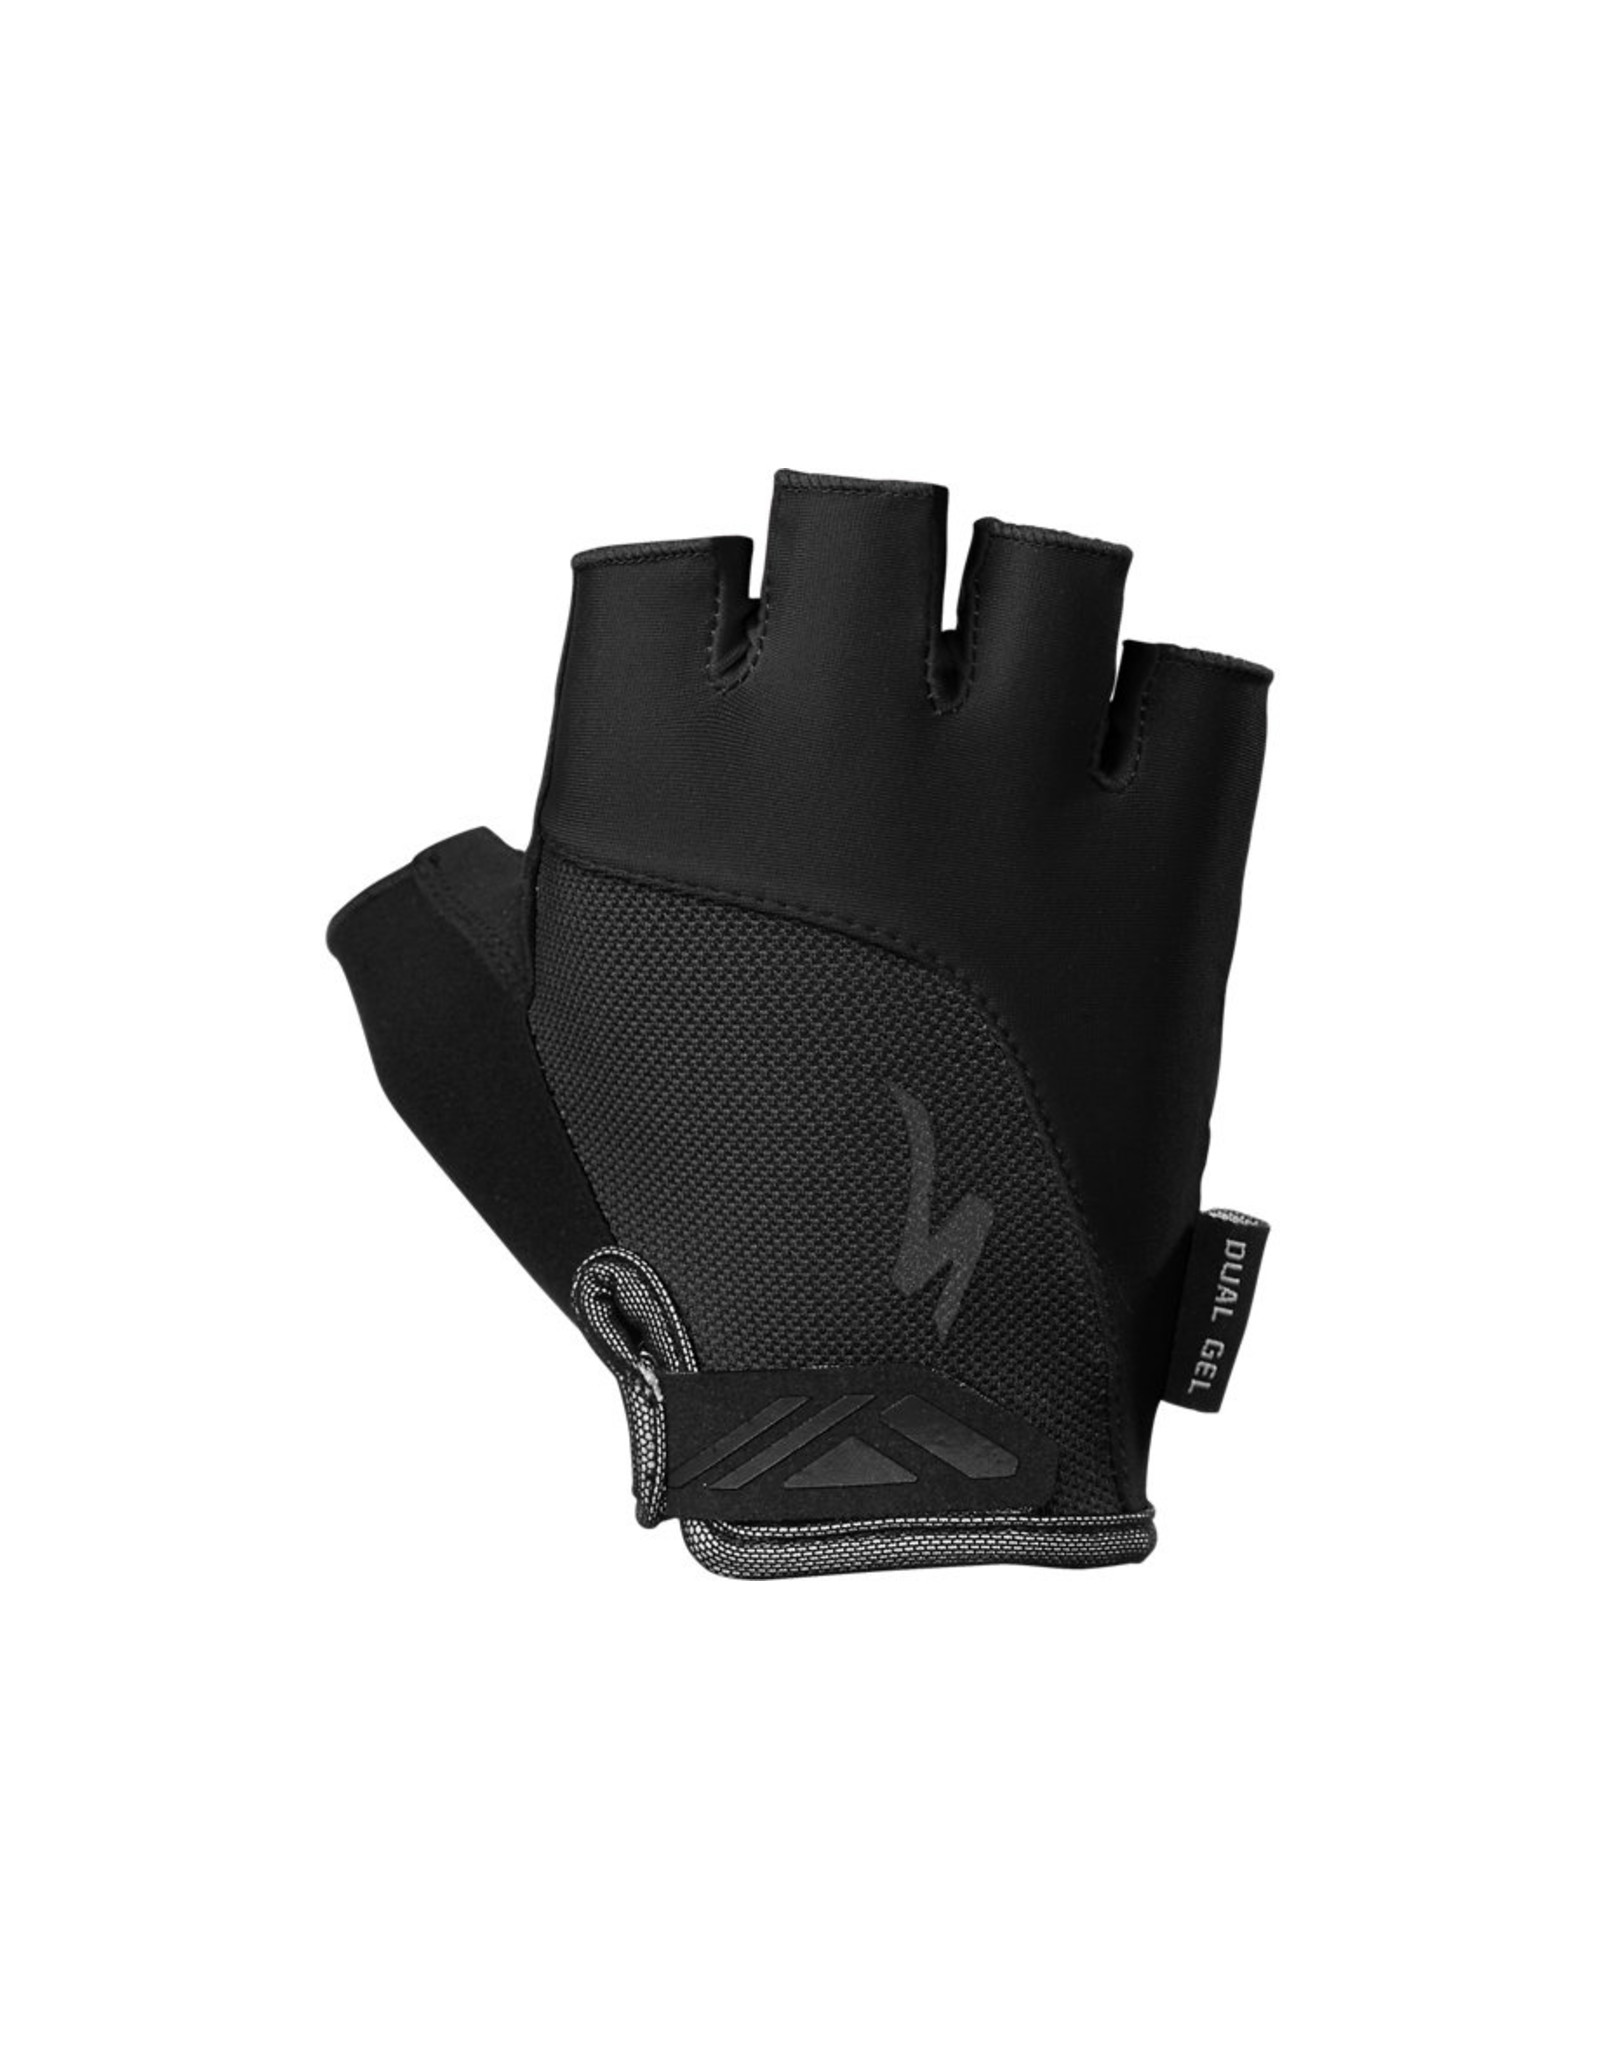 Specialized Women's Body Geometry Dual-Gel Gloves